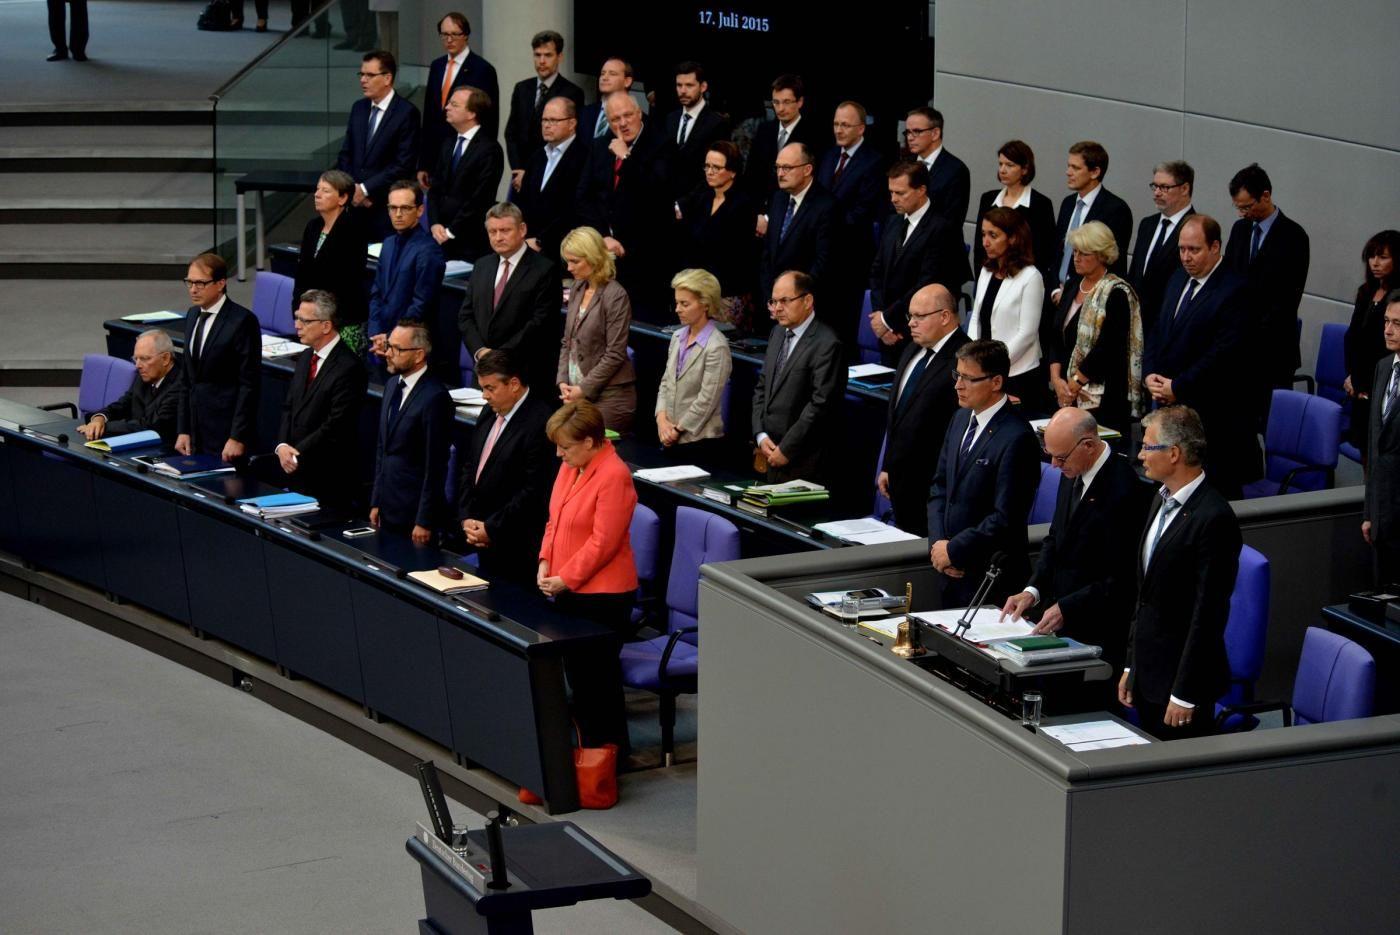 Grecia oggi voto parlamento tedesco fitch alza rating di for Oggi in parlamento